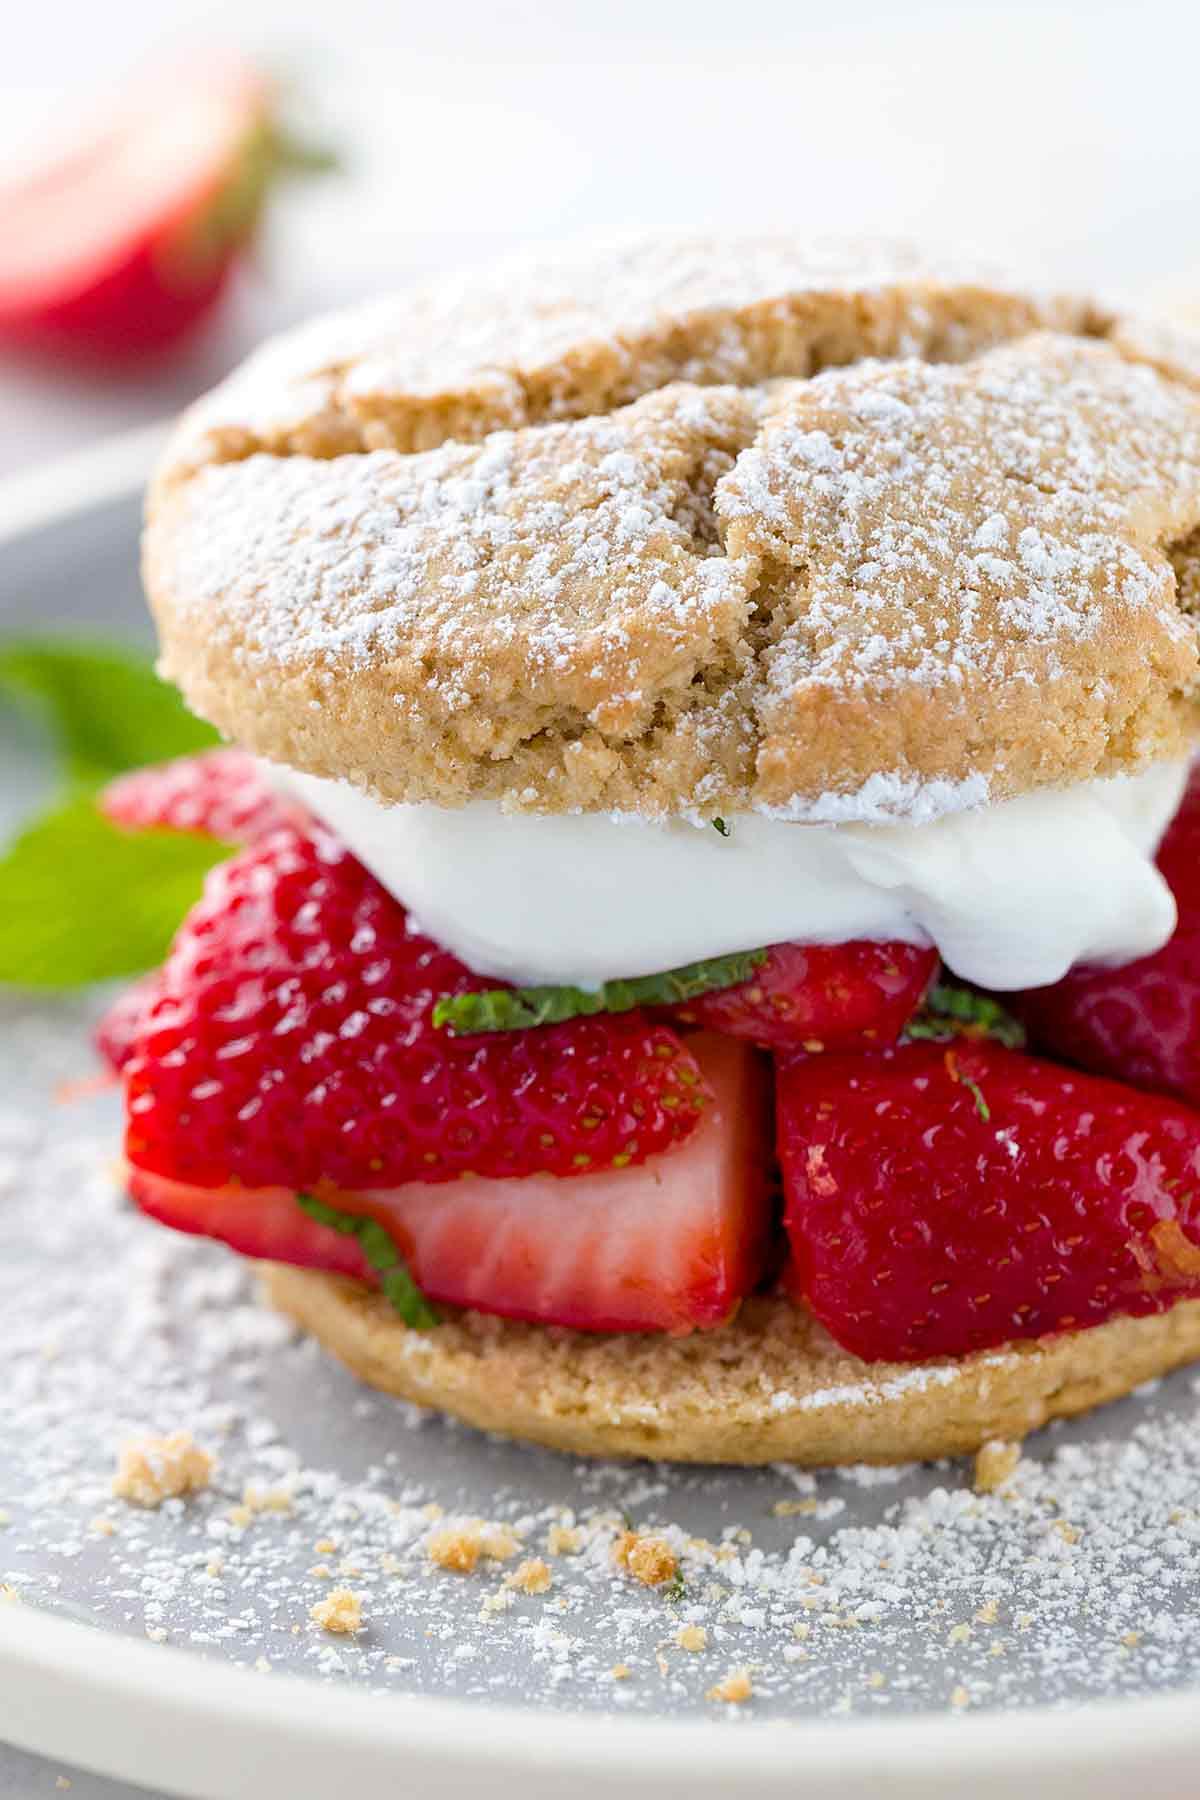 Strawberry shortcake sandwich dusted in powdered sugar